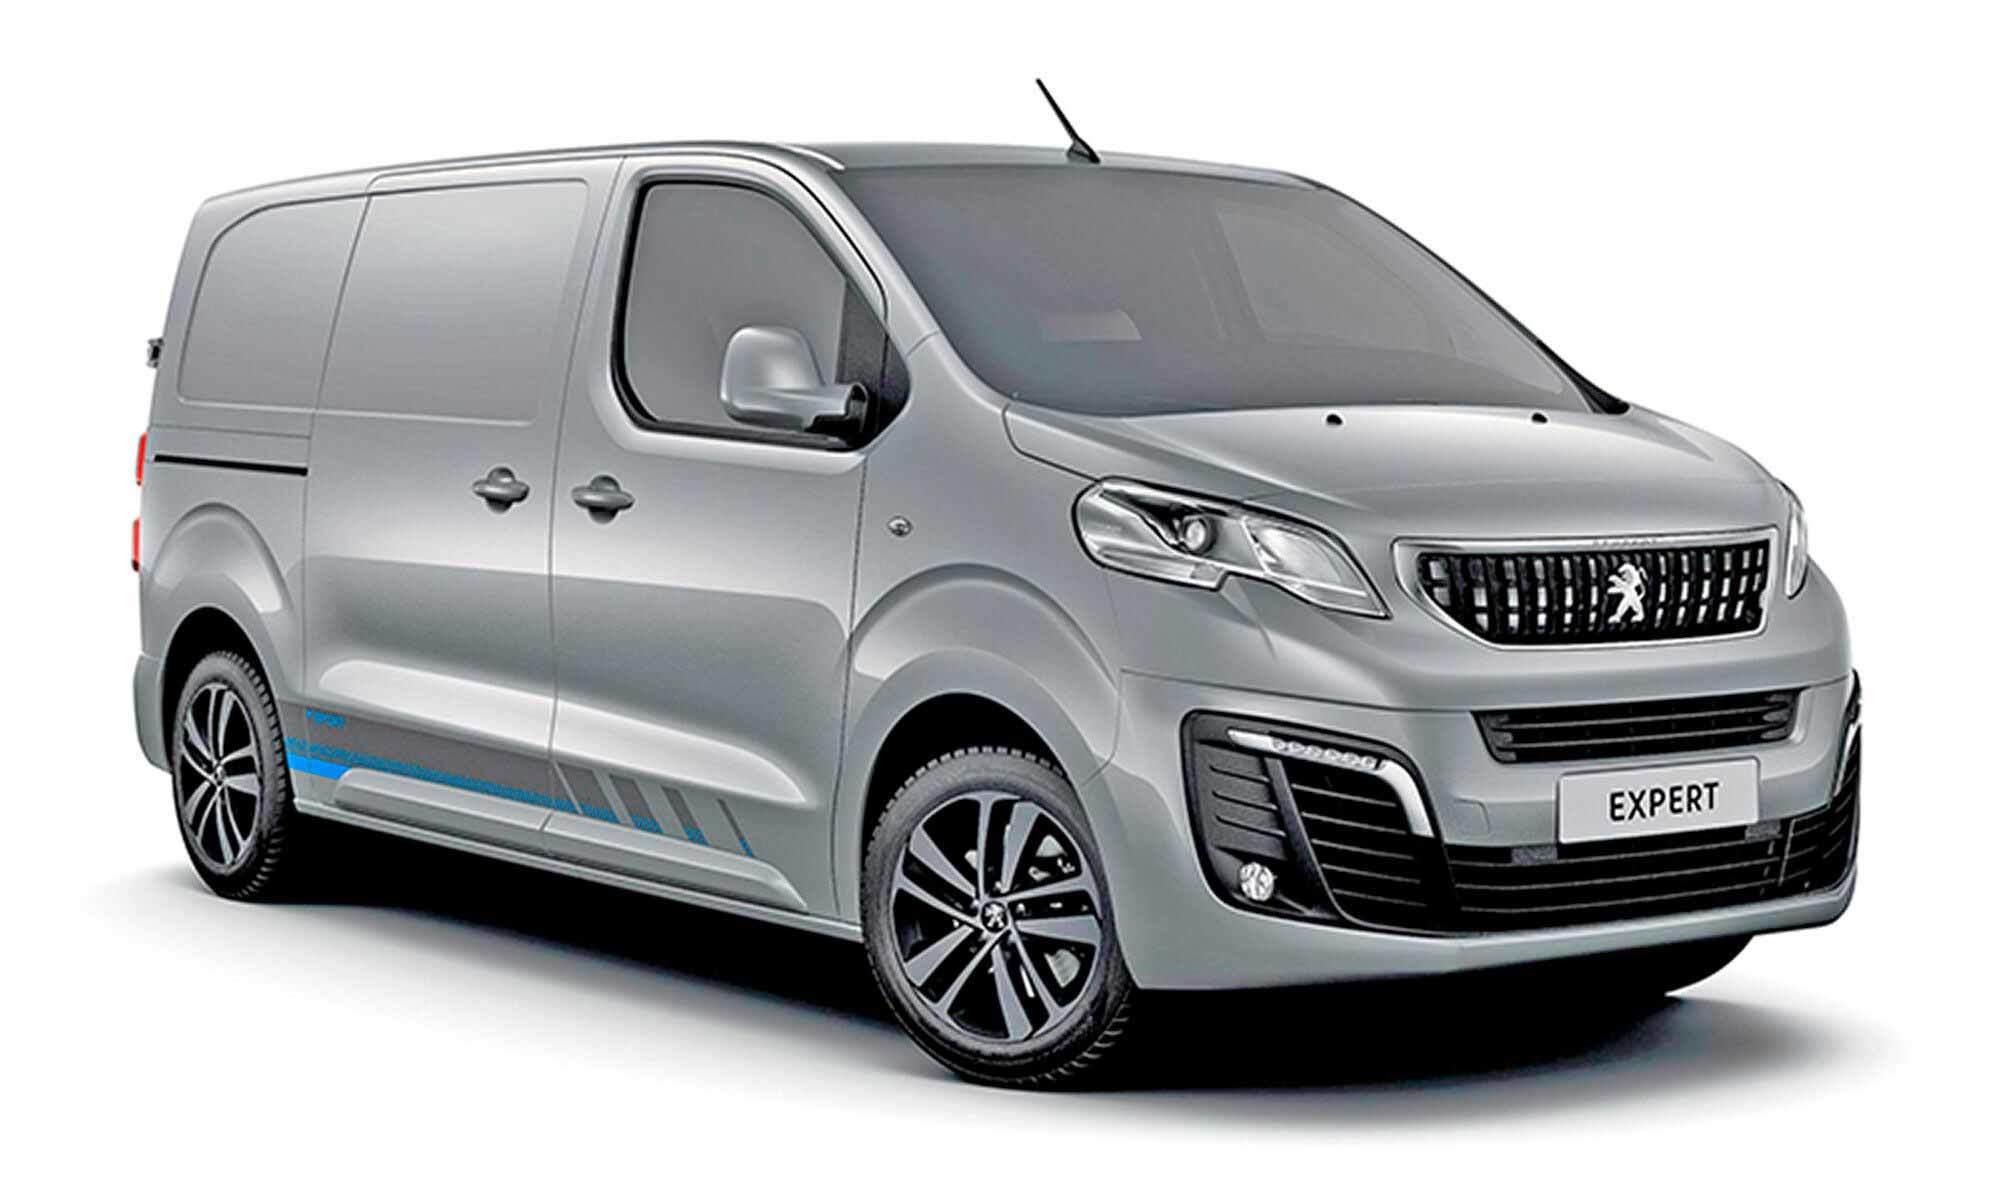 Peugeot Expert White Background